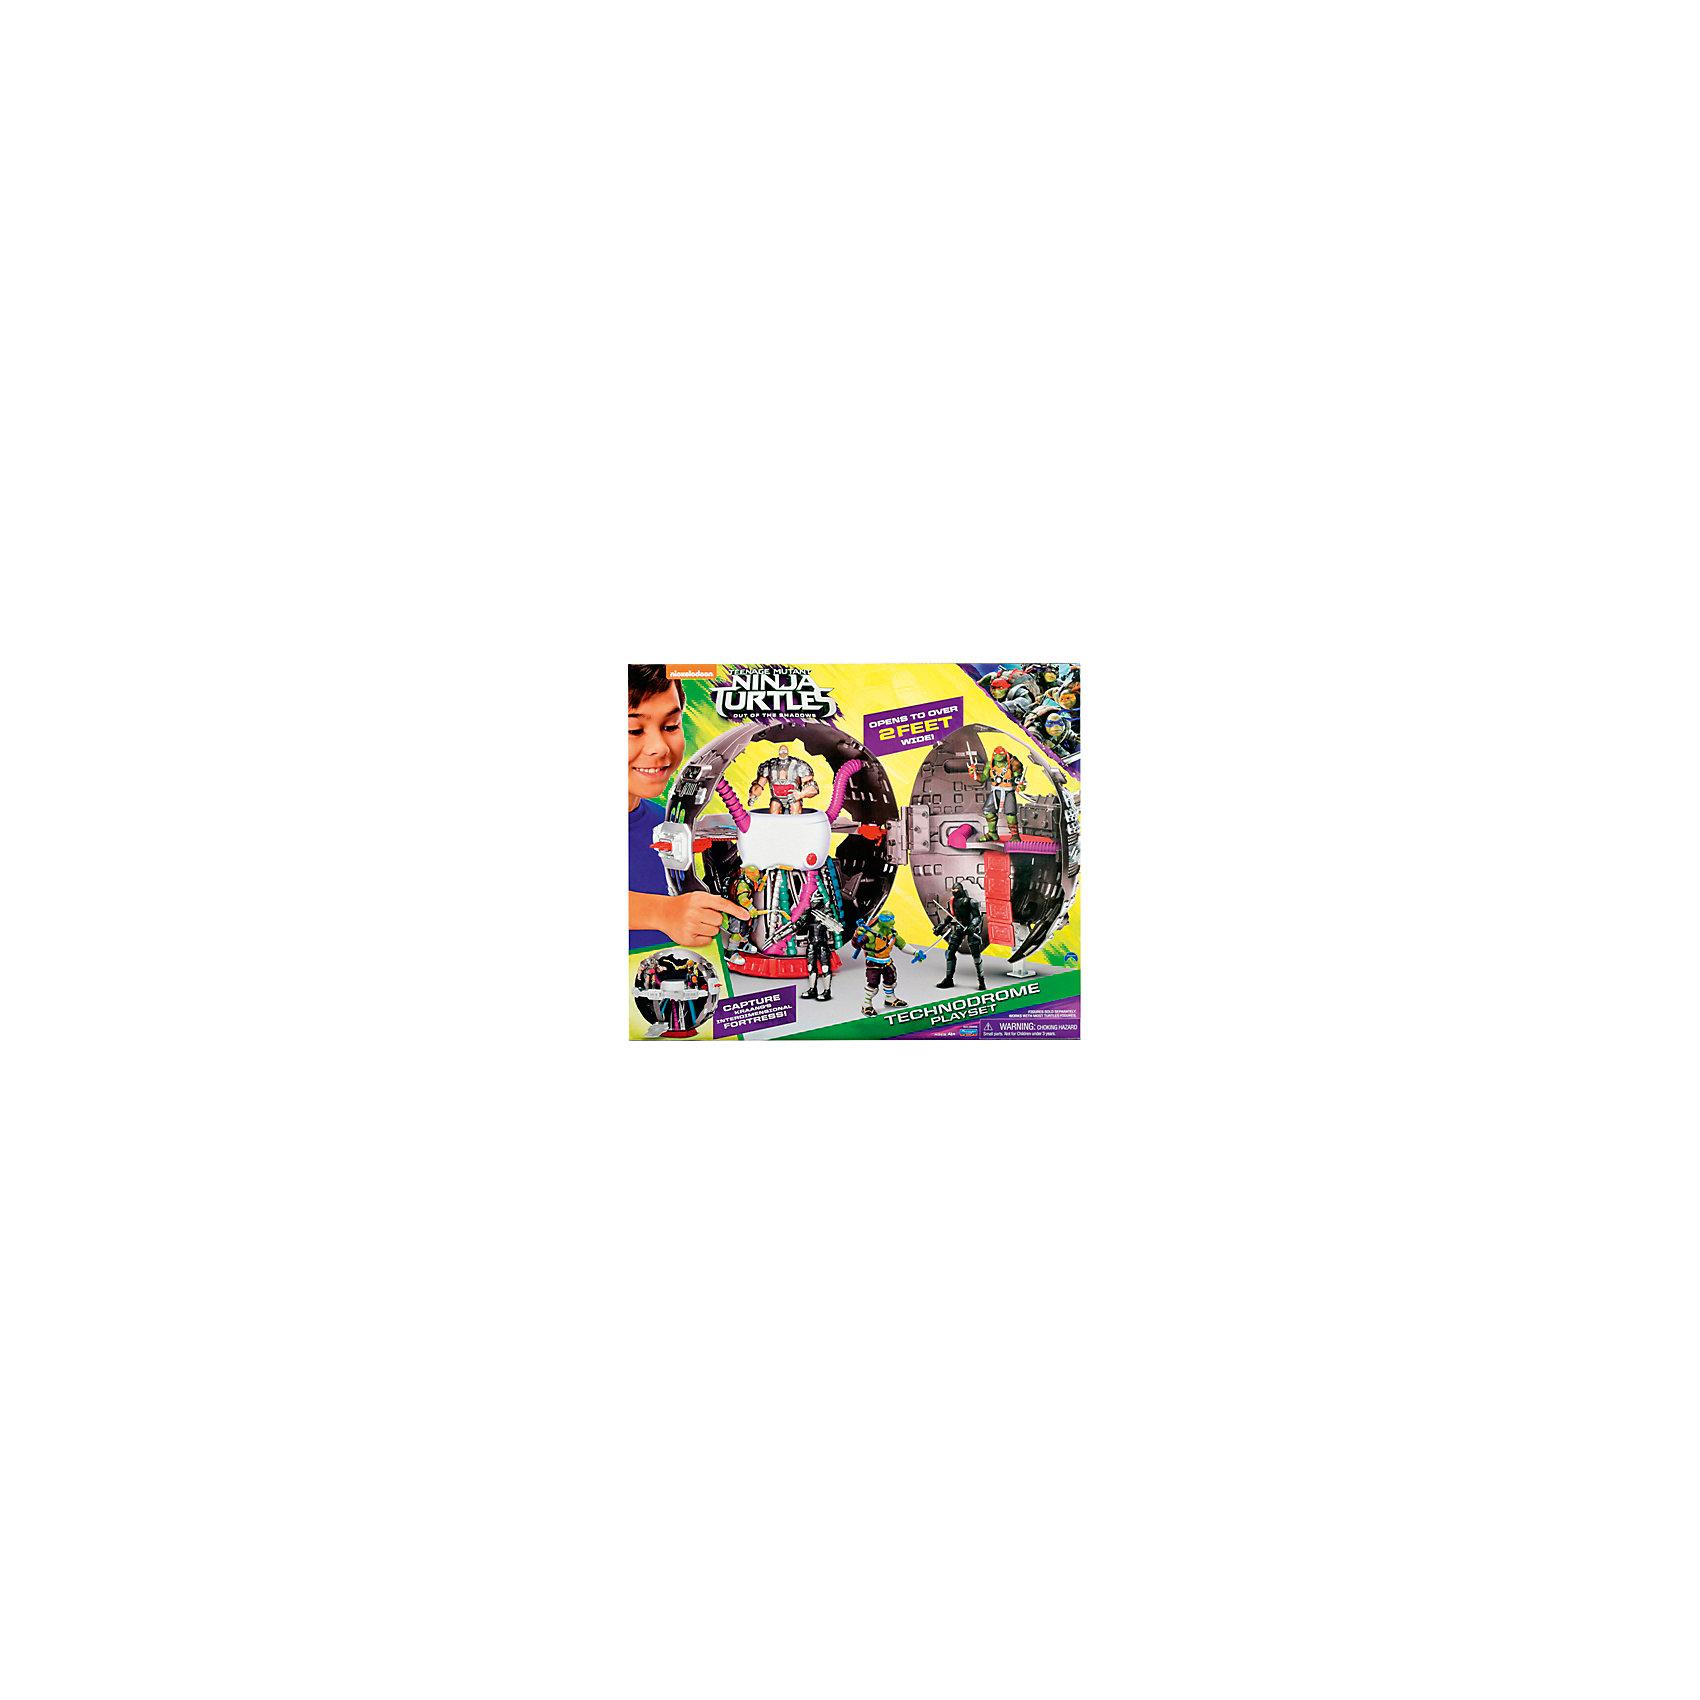 Игровой набор Технодром, Черепашки НиндзяТехнодром, Черепашки Ниндзя - увлекательный игровой набор, который не оставит равнодушным Вашего ребенка. Технодром выполнен в форме полого сферического танка, а его дизайн скопирован из популярного мультсериала Черепашки ниндзя (Teenage Mutant Ninja Turtles) о приключениях фантастических черепашек-мутантов. По сюжету, технодром был спроектирован инопланетянином Крэнгом, который вместе с противником черепашек Шредером пытается завоевать мир. Эта настоящая передвижная крепость содержит множество сюрпризов, ловушек и хитрых приспособлений. Внутри Вы найдете потайные двери, люки и ракетные пусковые установки со снарядами. По секретному трапу можно спускать вниз фигурки героев (черепашки в комплект не входят, приобретаются отдельно!). Игрушка раздвигается в ширину, создавая новые игровые возможности для приключений любимых героев. Набор изготовлен из ударопрочного высококачественного пластика, поэтому прослужит долгое время.<br><br>Дополнительная информация:<br><br>- Материал: пластик.<br>- Фигурки черепашек в комплект не входят!<br>- Диаметр игрушки: 50-60 см.<br>- Размер упаковки: 45 х 20 х 37 см. <br>- Вес: 1,15 кг.<br><br>Игровой набор Технодром, Черепашки Ниндзя, Movie Line, можно купить в нашем интернет-магазине.<br><br>Ширина мм: 450<br>Глубина мм: 370<br>Высота мм: 200<br>Вес г: 2300<br>Возраст от месяцев: 36<br>Возраст до месяцев: 144<br>Пол: Мужской<br>Возраст: Детский<br>SKU: 4657937